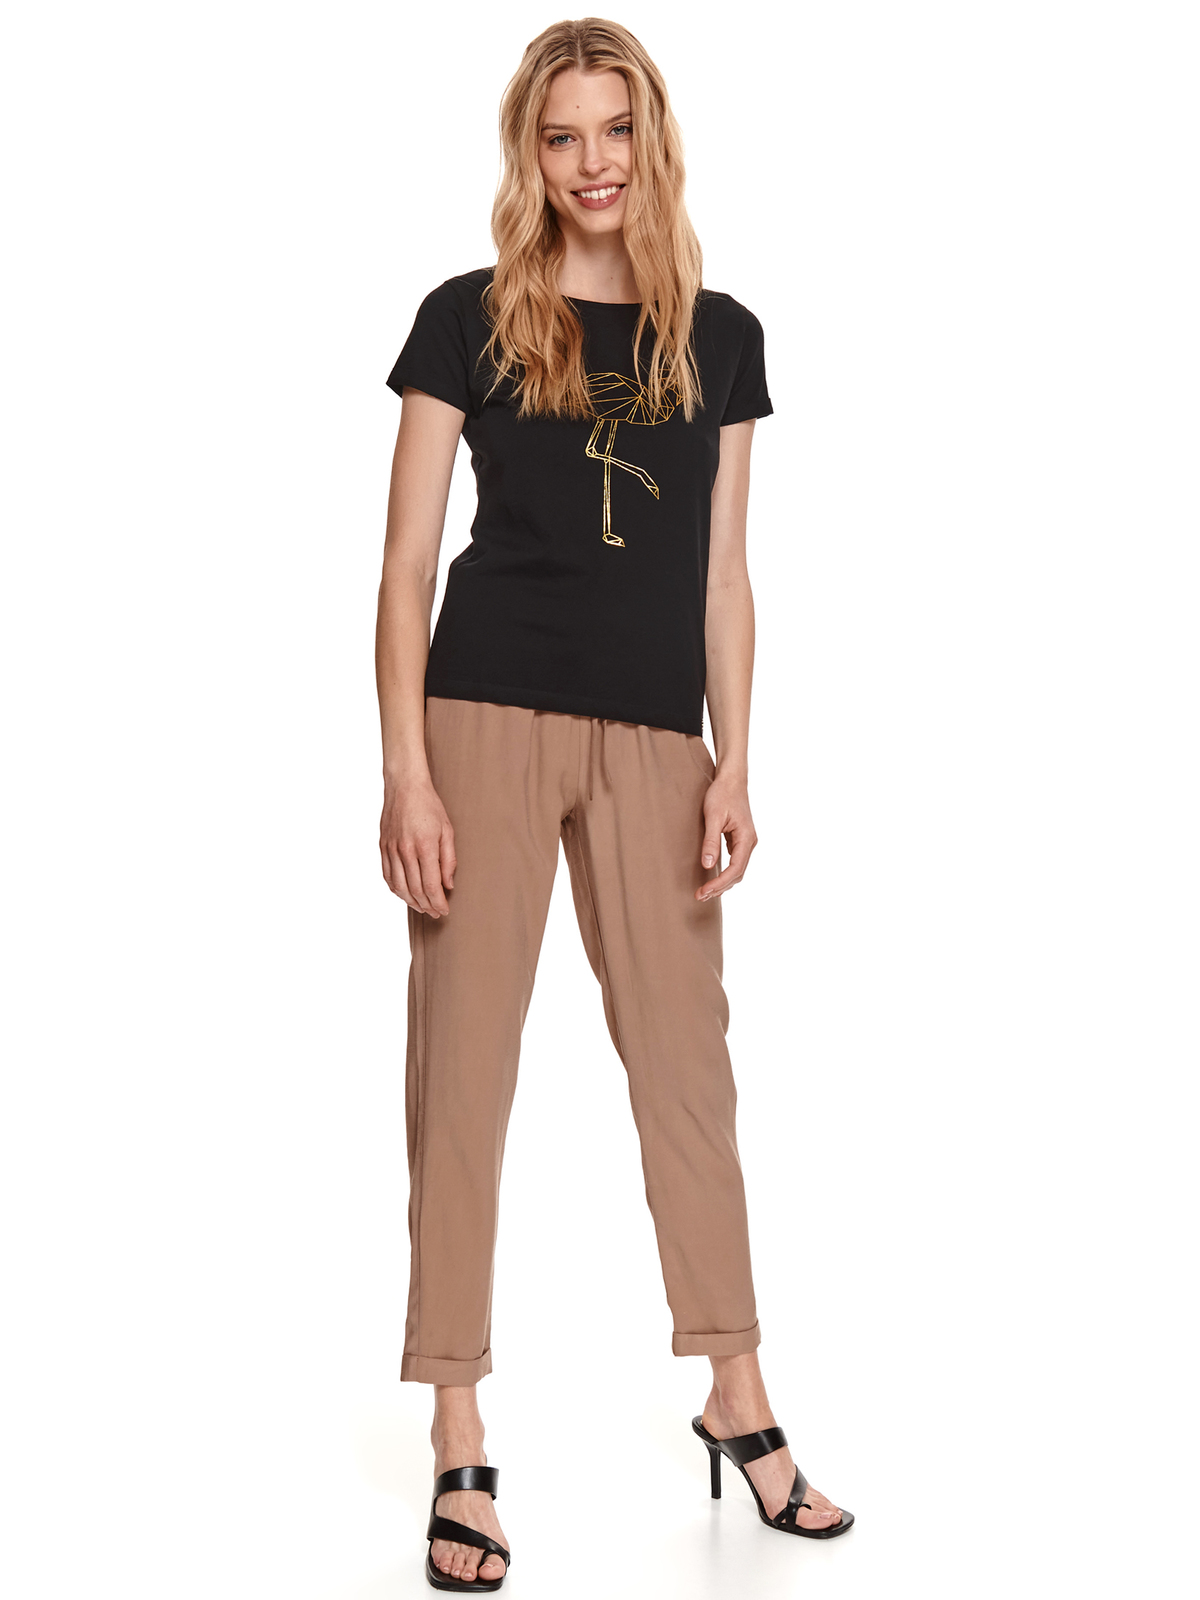 Fekete bő szabású rugalmas pamut póló grafikai díszítéssel